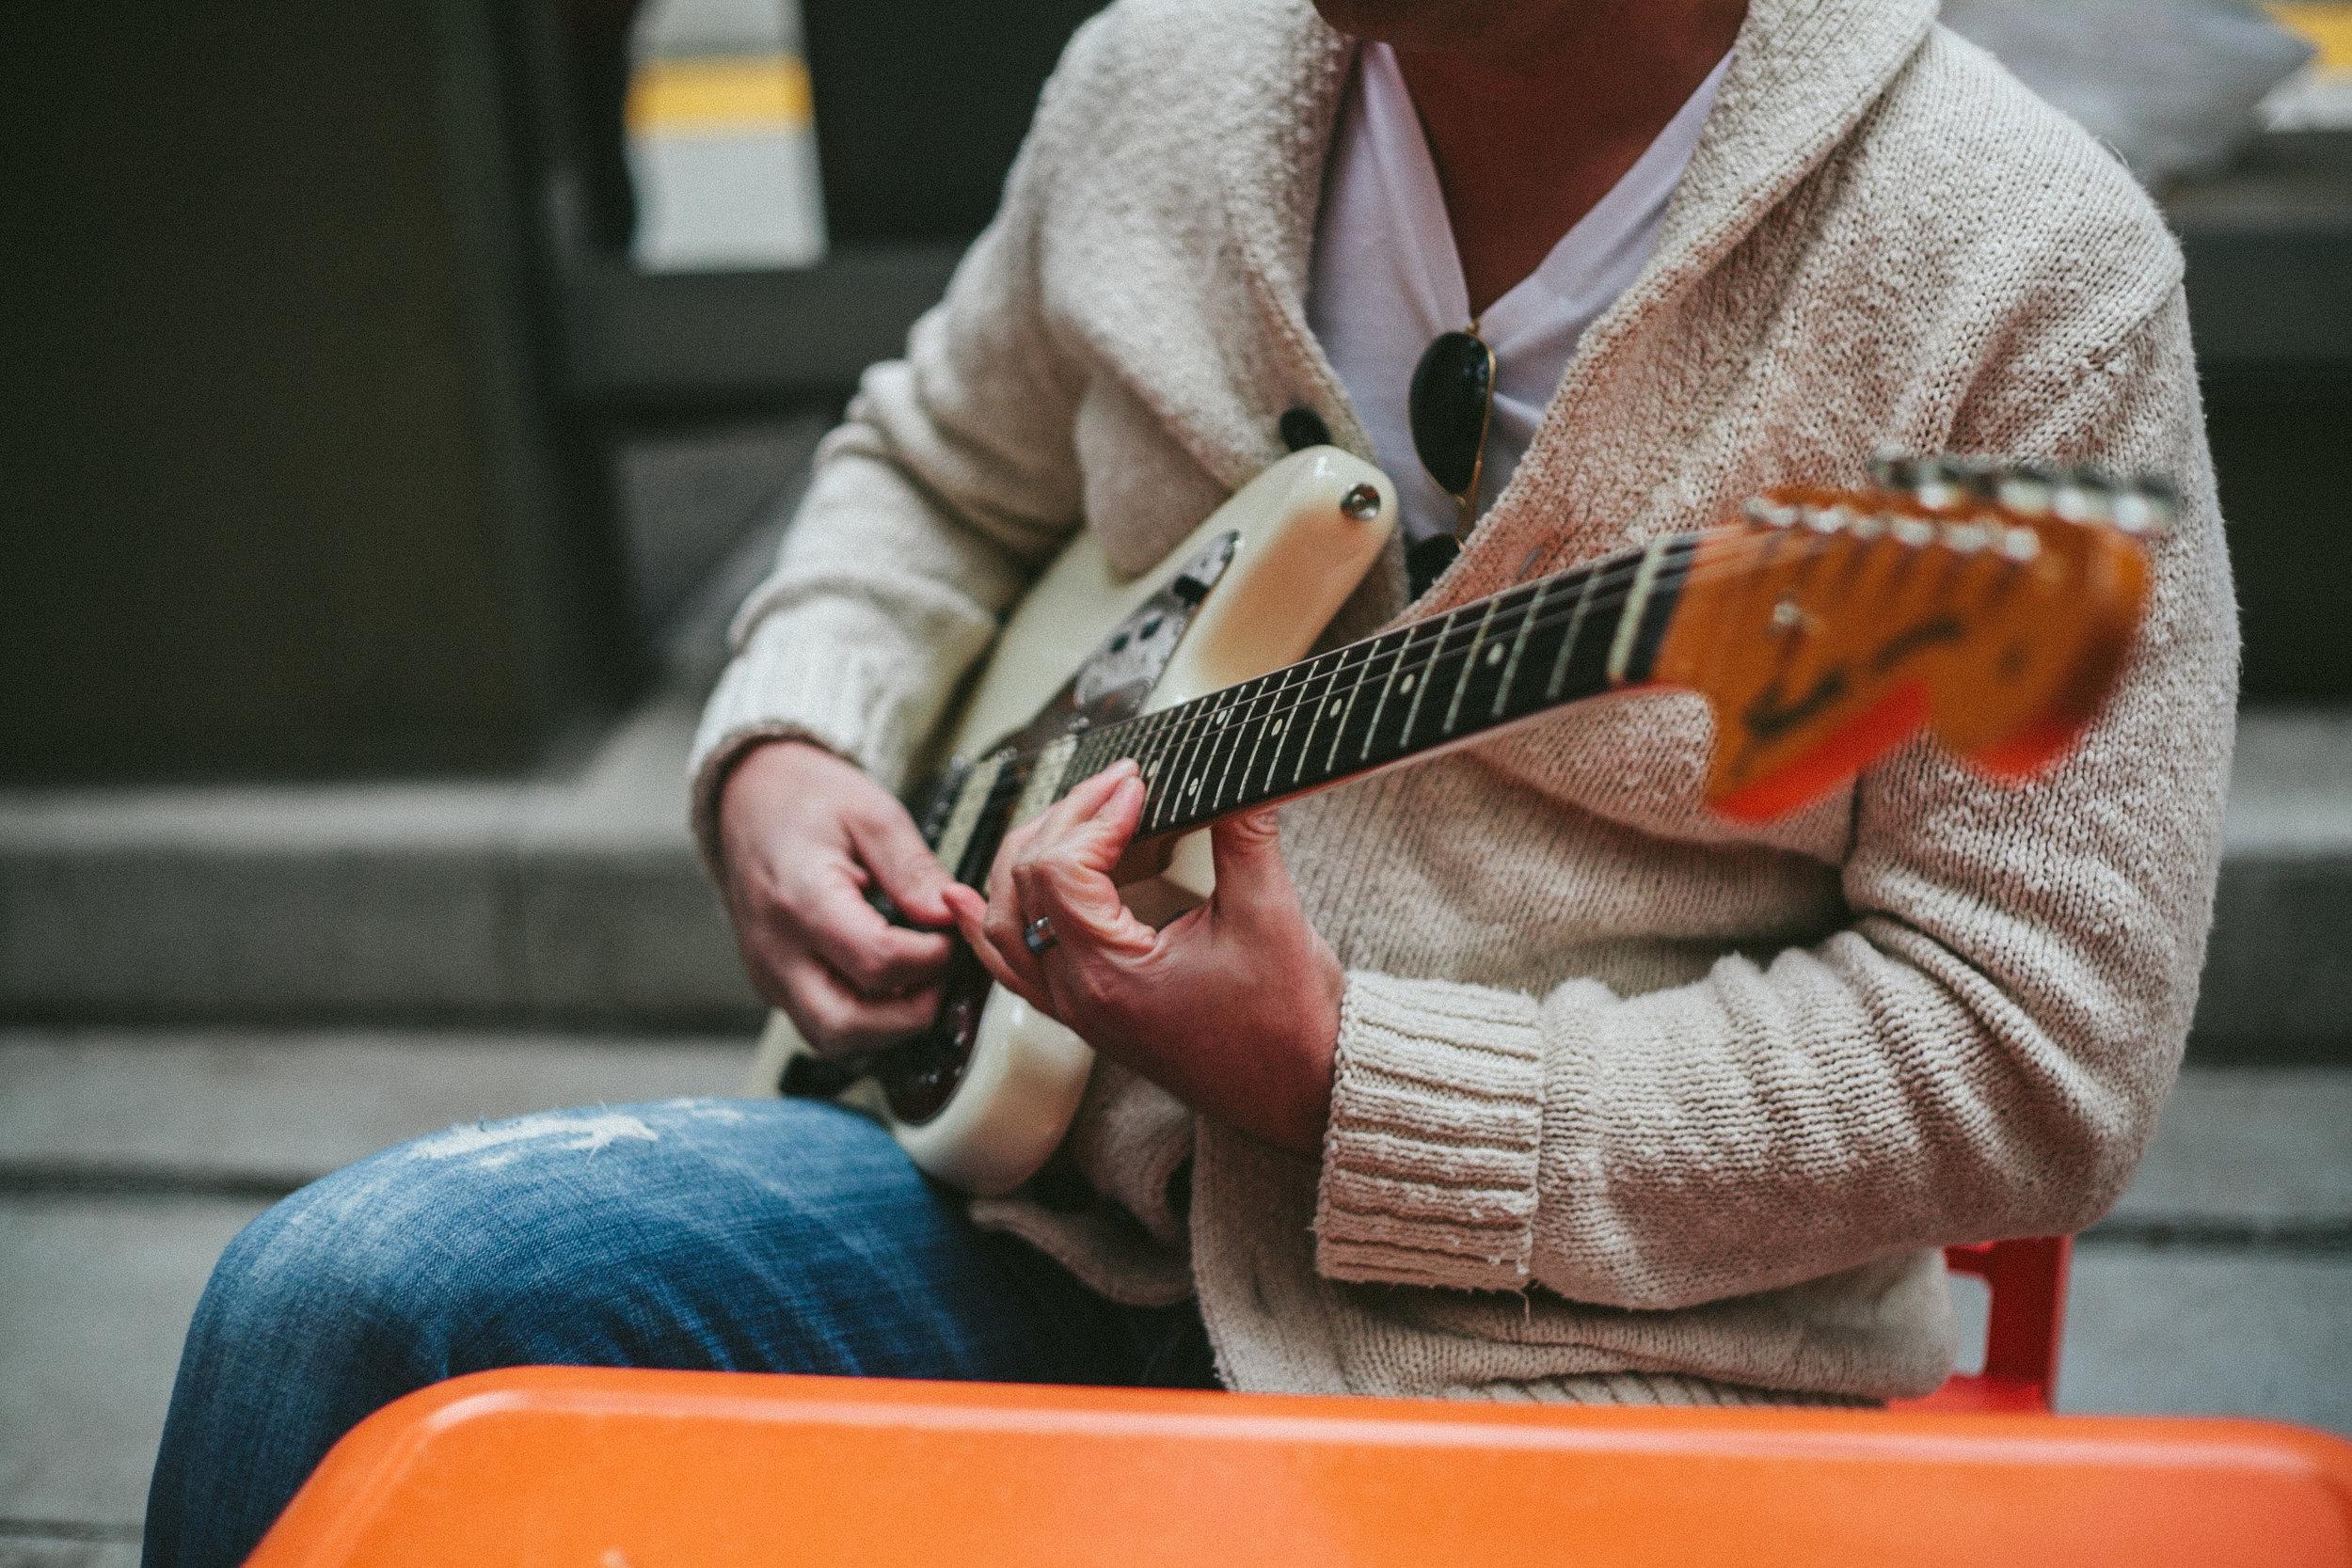 Sergio Gaetani Plays his Fender Jaguar